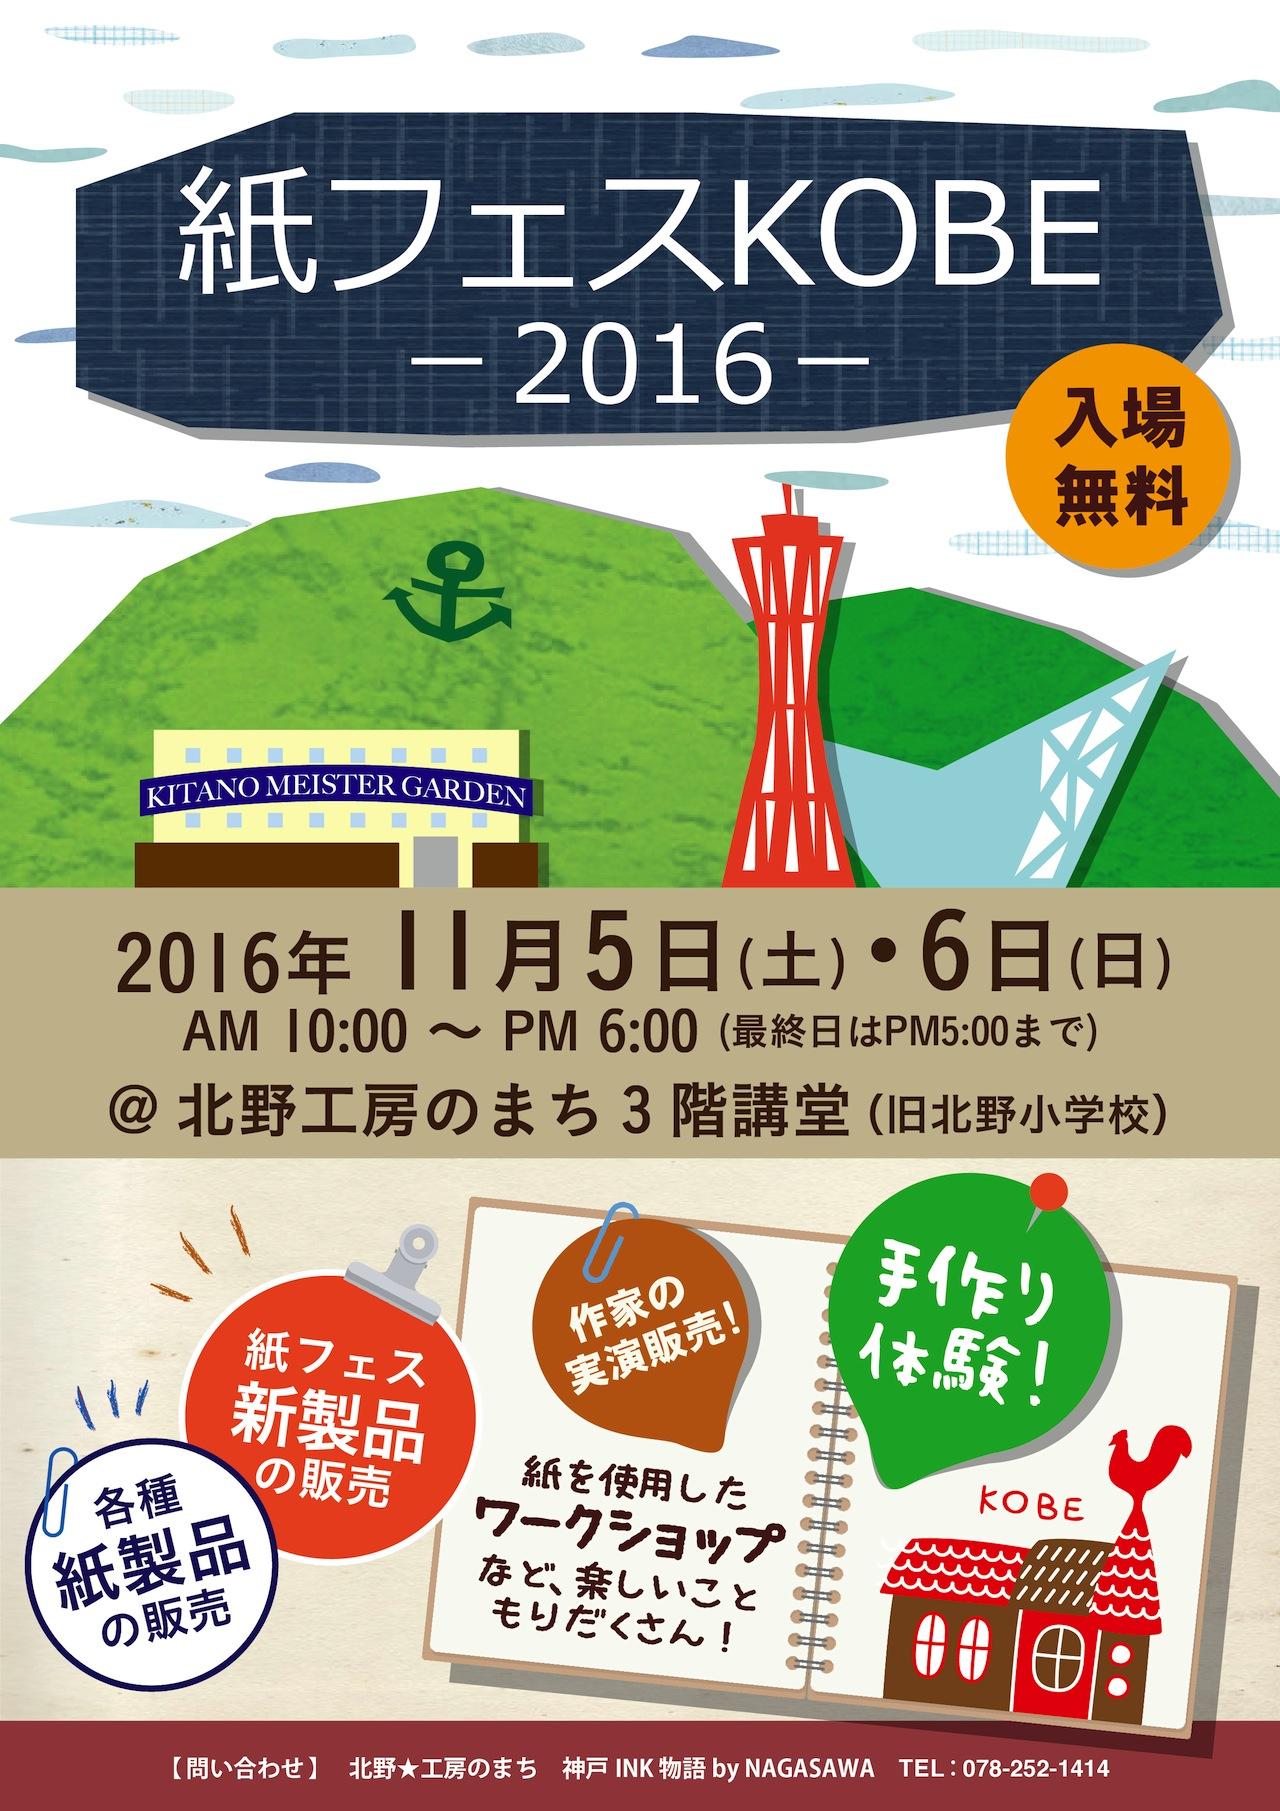 紙フェス神戸2016 @北野工房のまち3階講堂